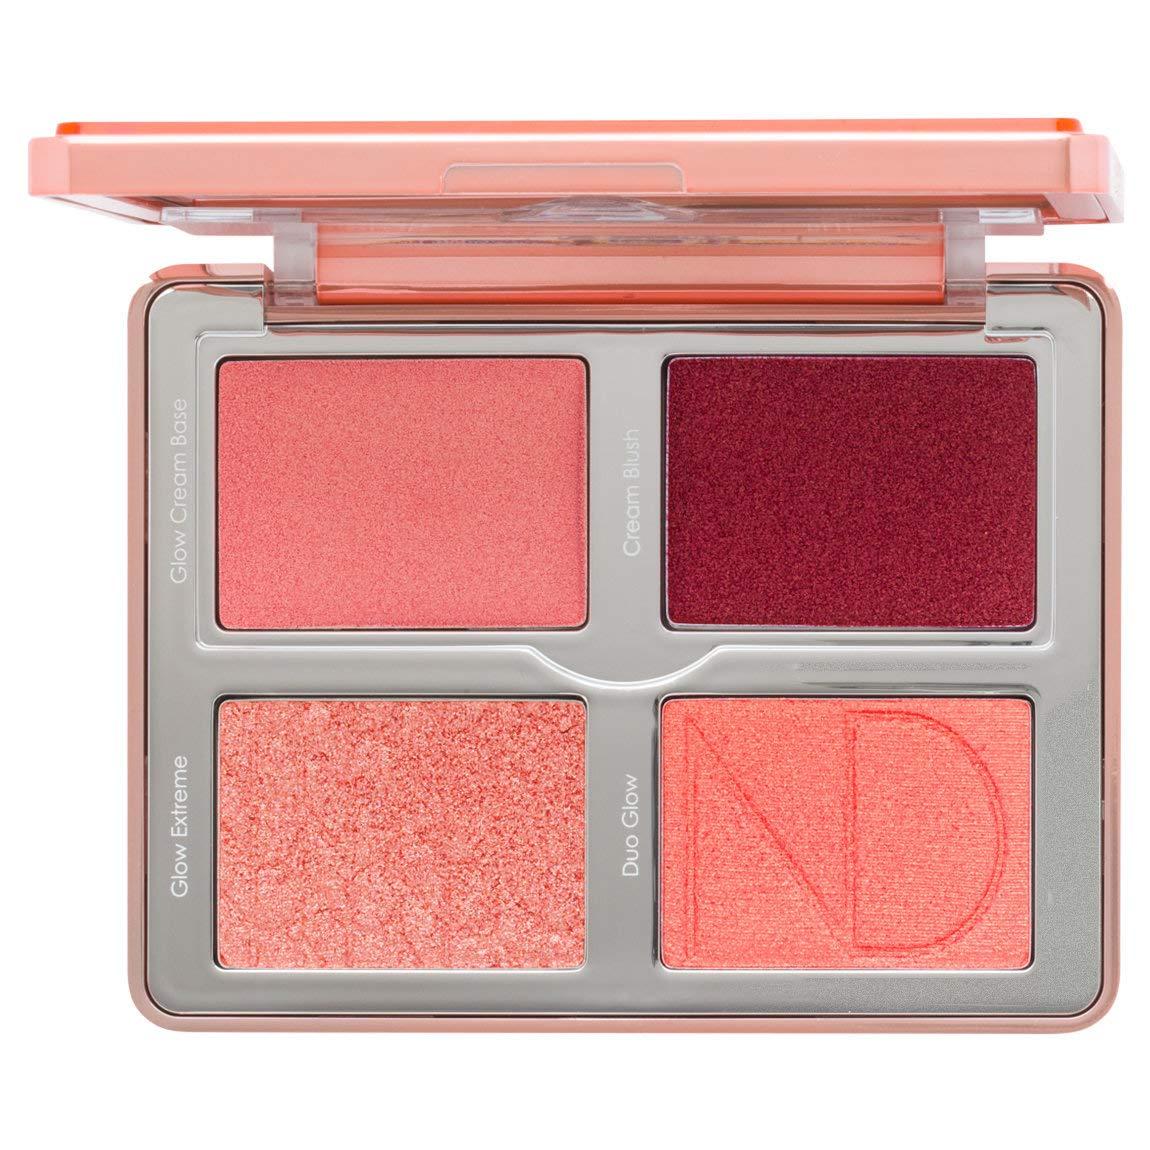 Natasha Denona Bloom Blush And Glow Palette